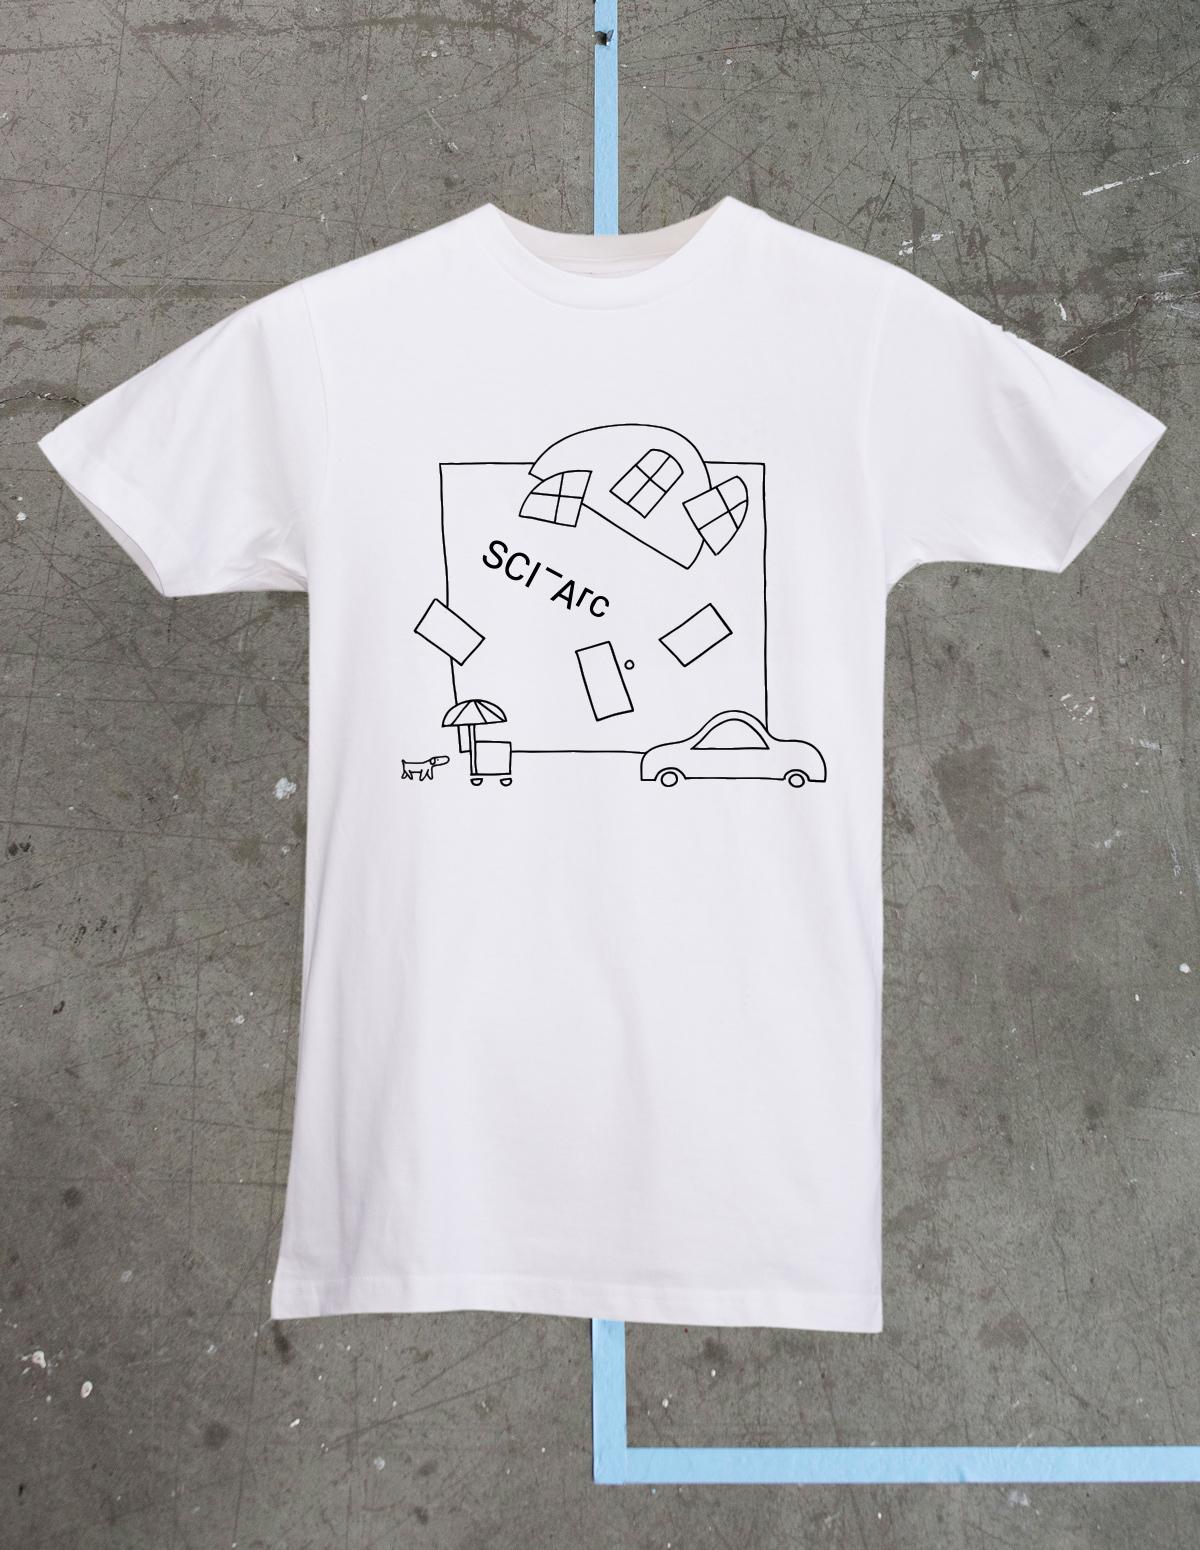 scai arc white tshirt merchandise